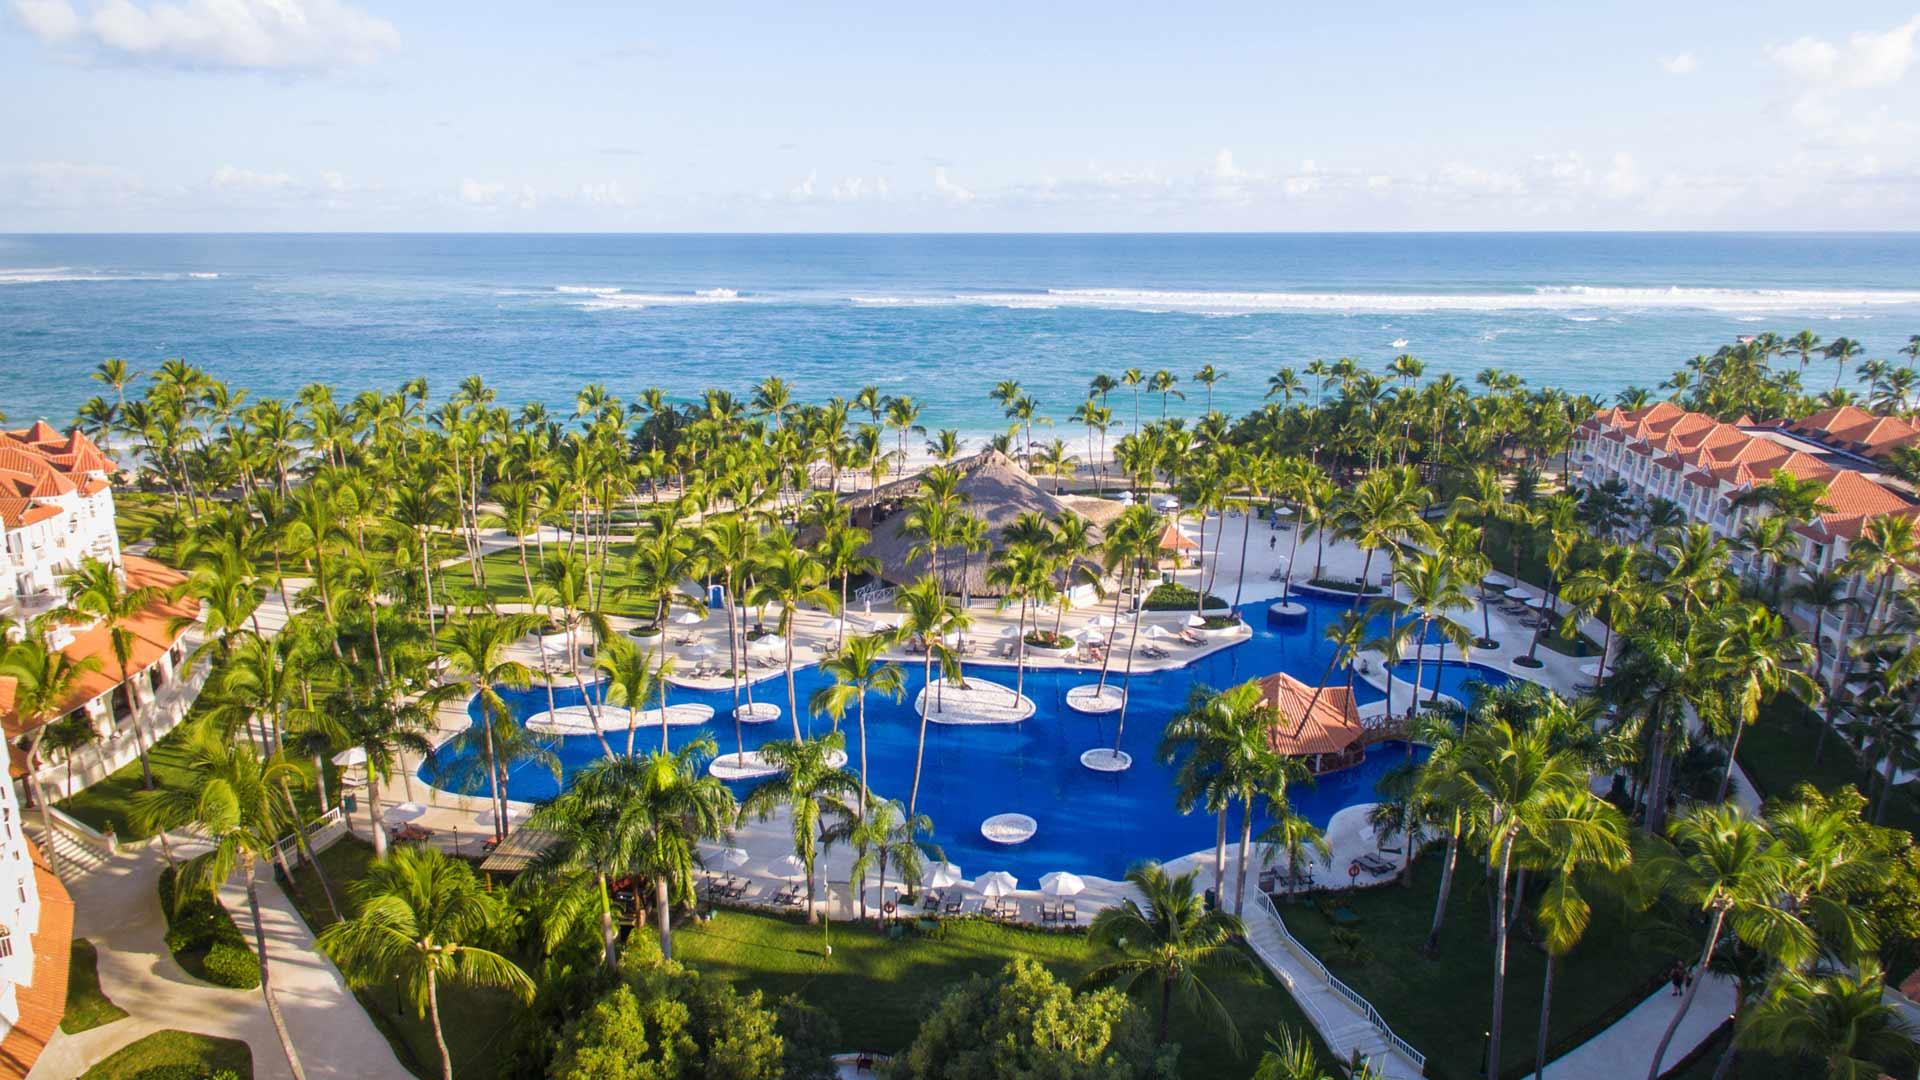 Viajes al Caribe - Santo Domingo